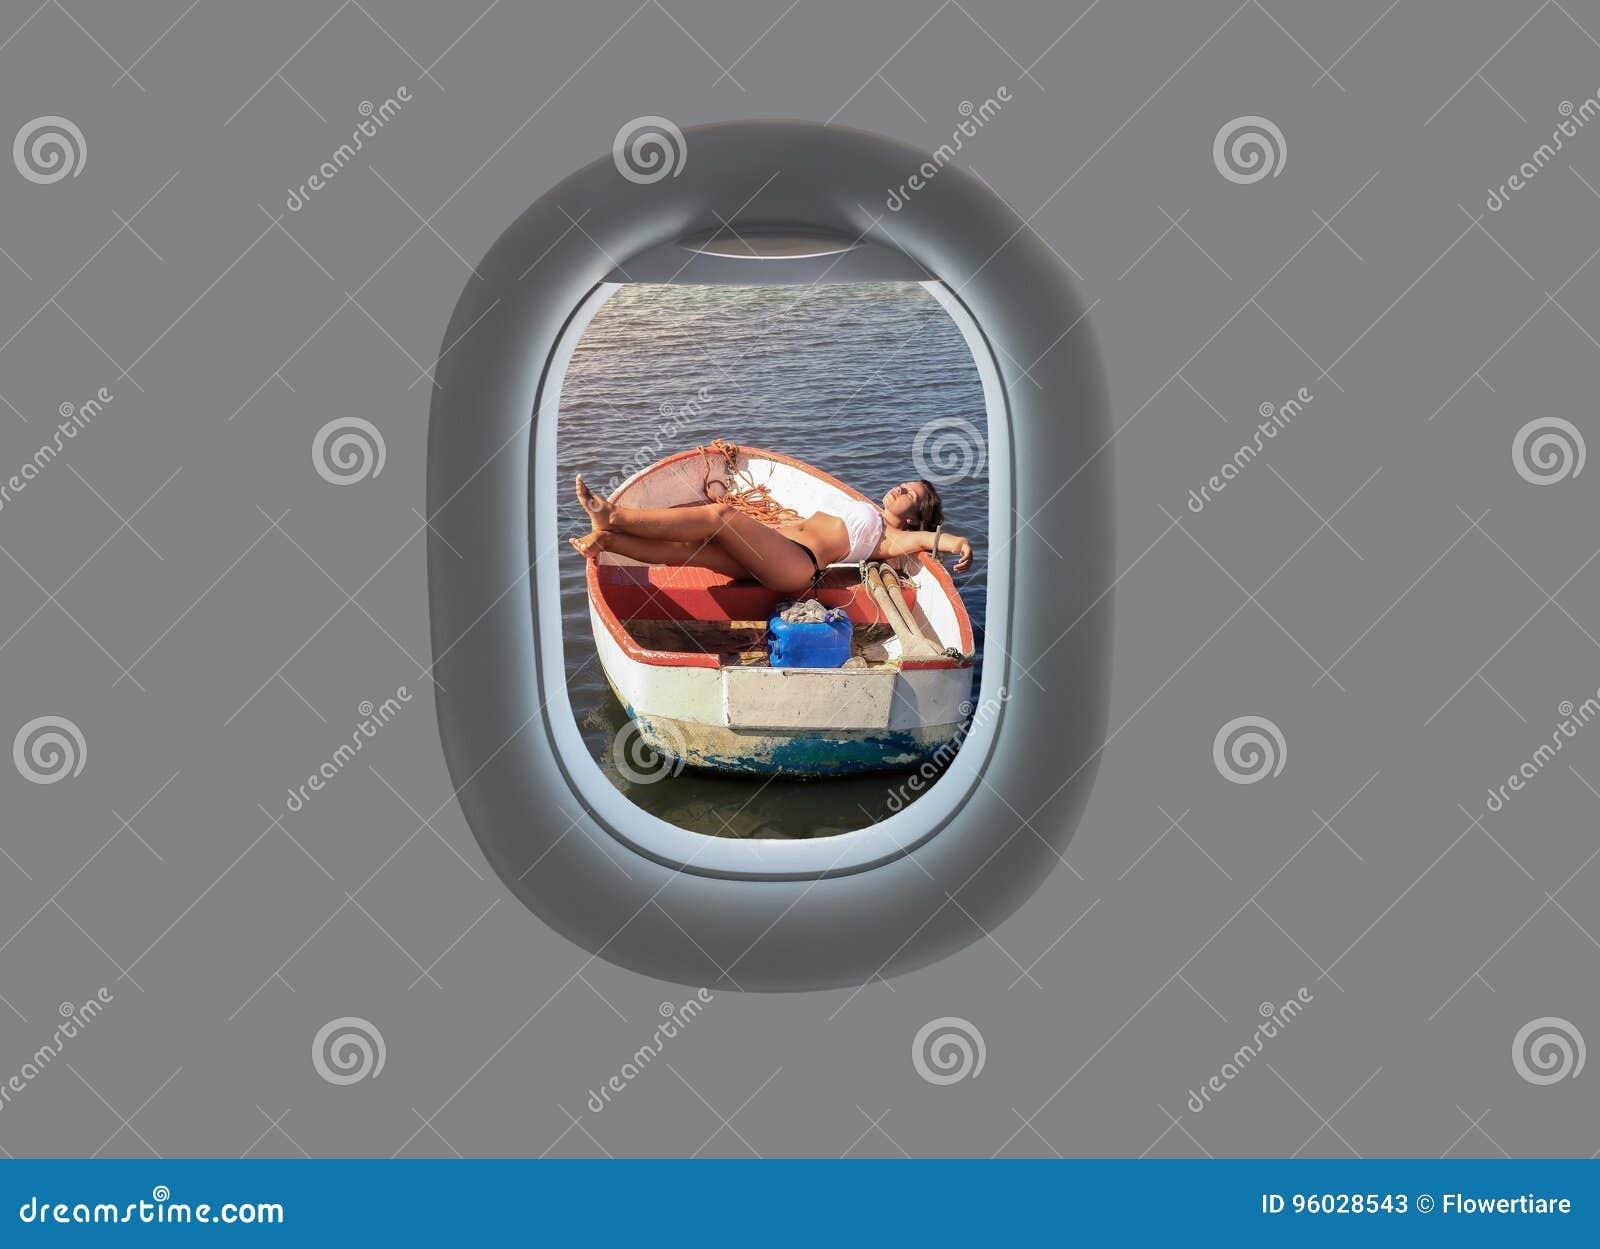 Młoda kobieta kłama w drewnianej łodzi na zmierzchu w płaskim okno nad samolotowy komarnicy ziemi widok na ocean okno